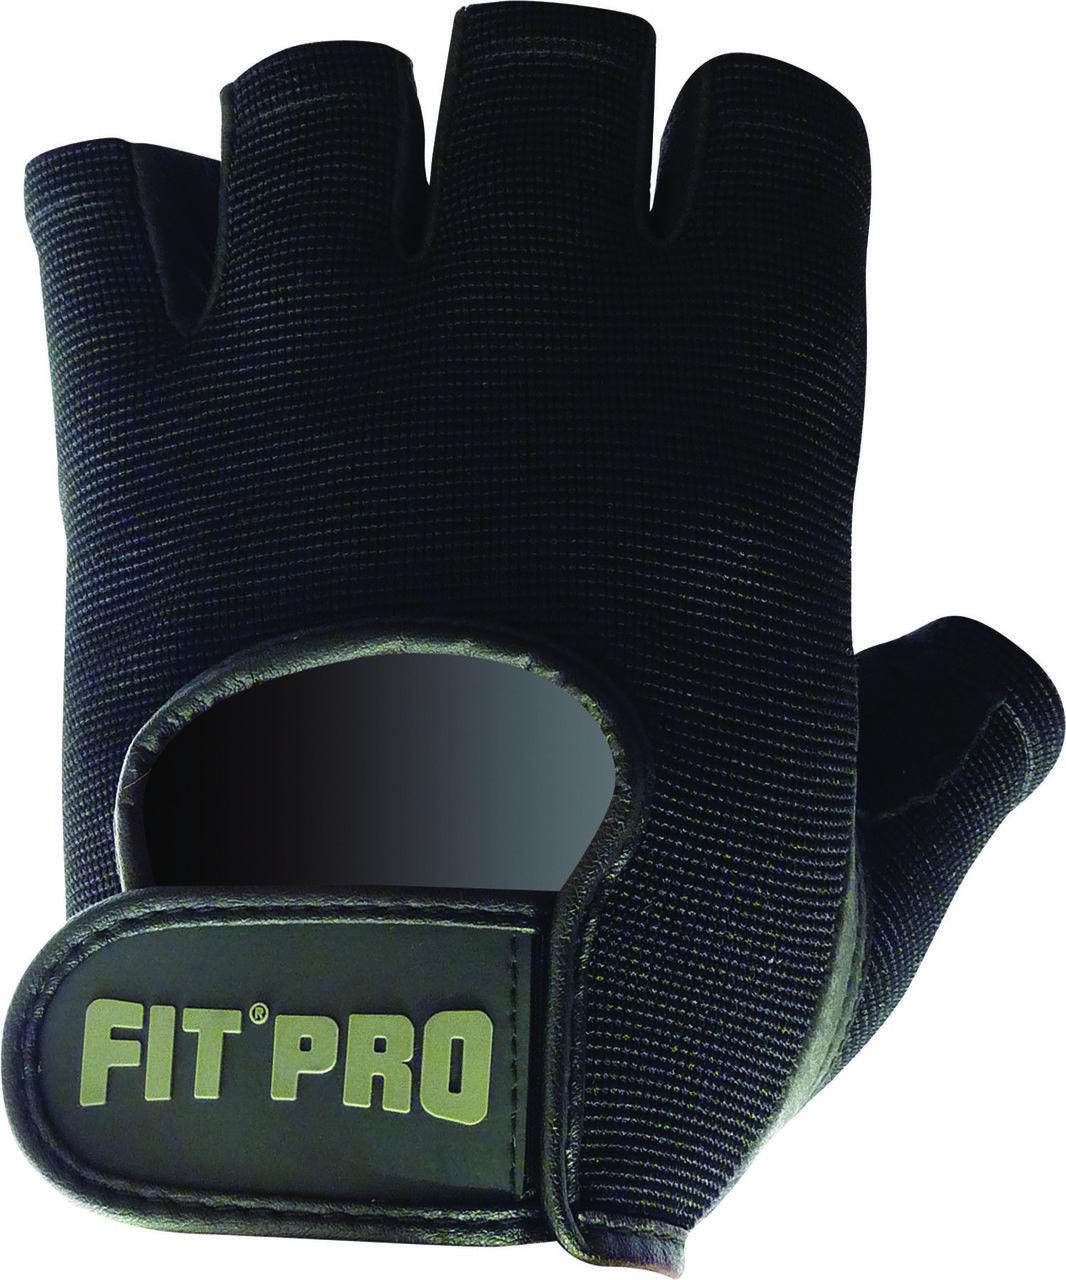 Перчатки для кроссфита Power System FP-07 B1 Pro XS фото видео изображение